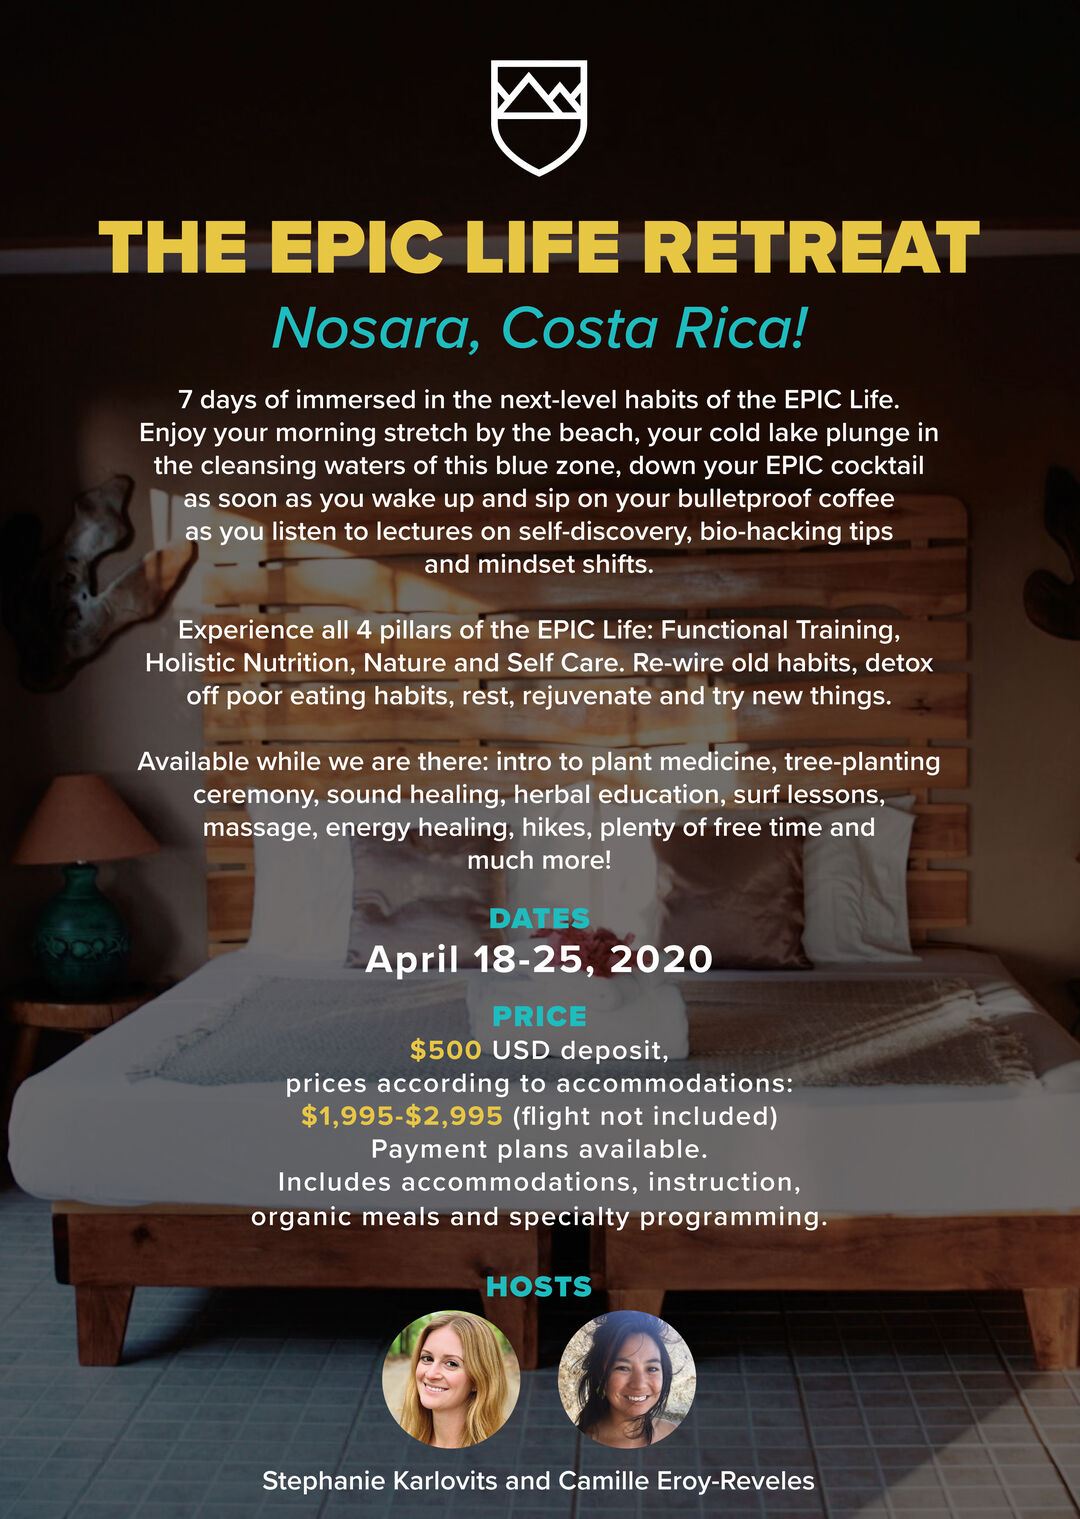 retreat 11x17 website